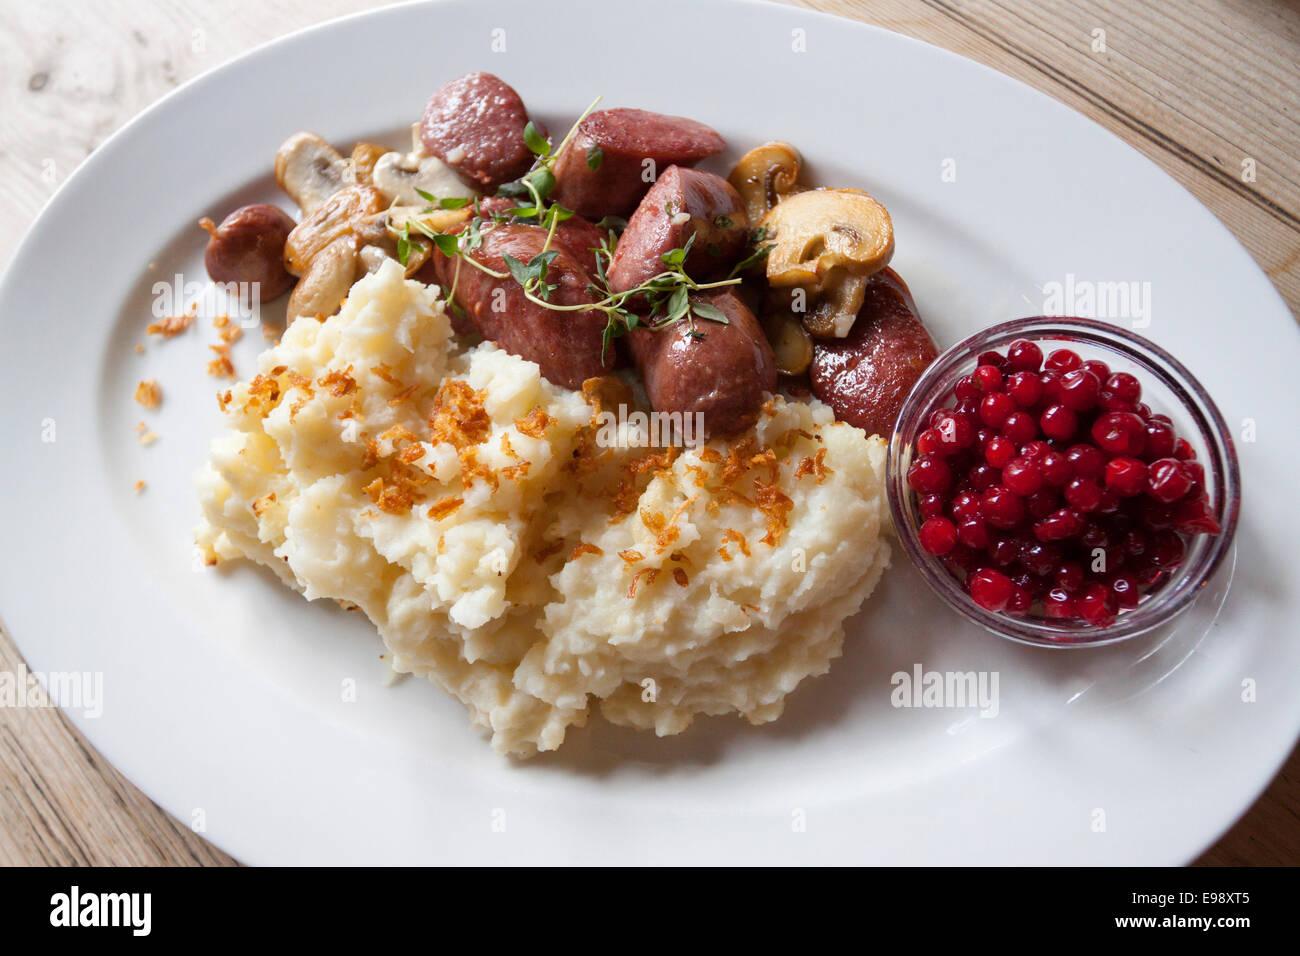 reindeer sausage stock photos u0026 reindeer sausage stock images alamy